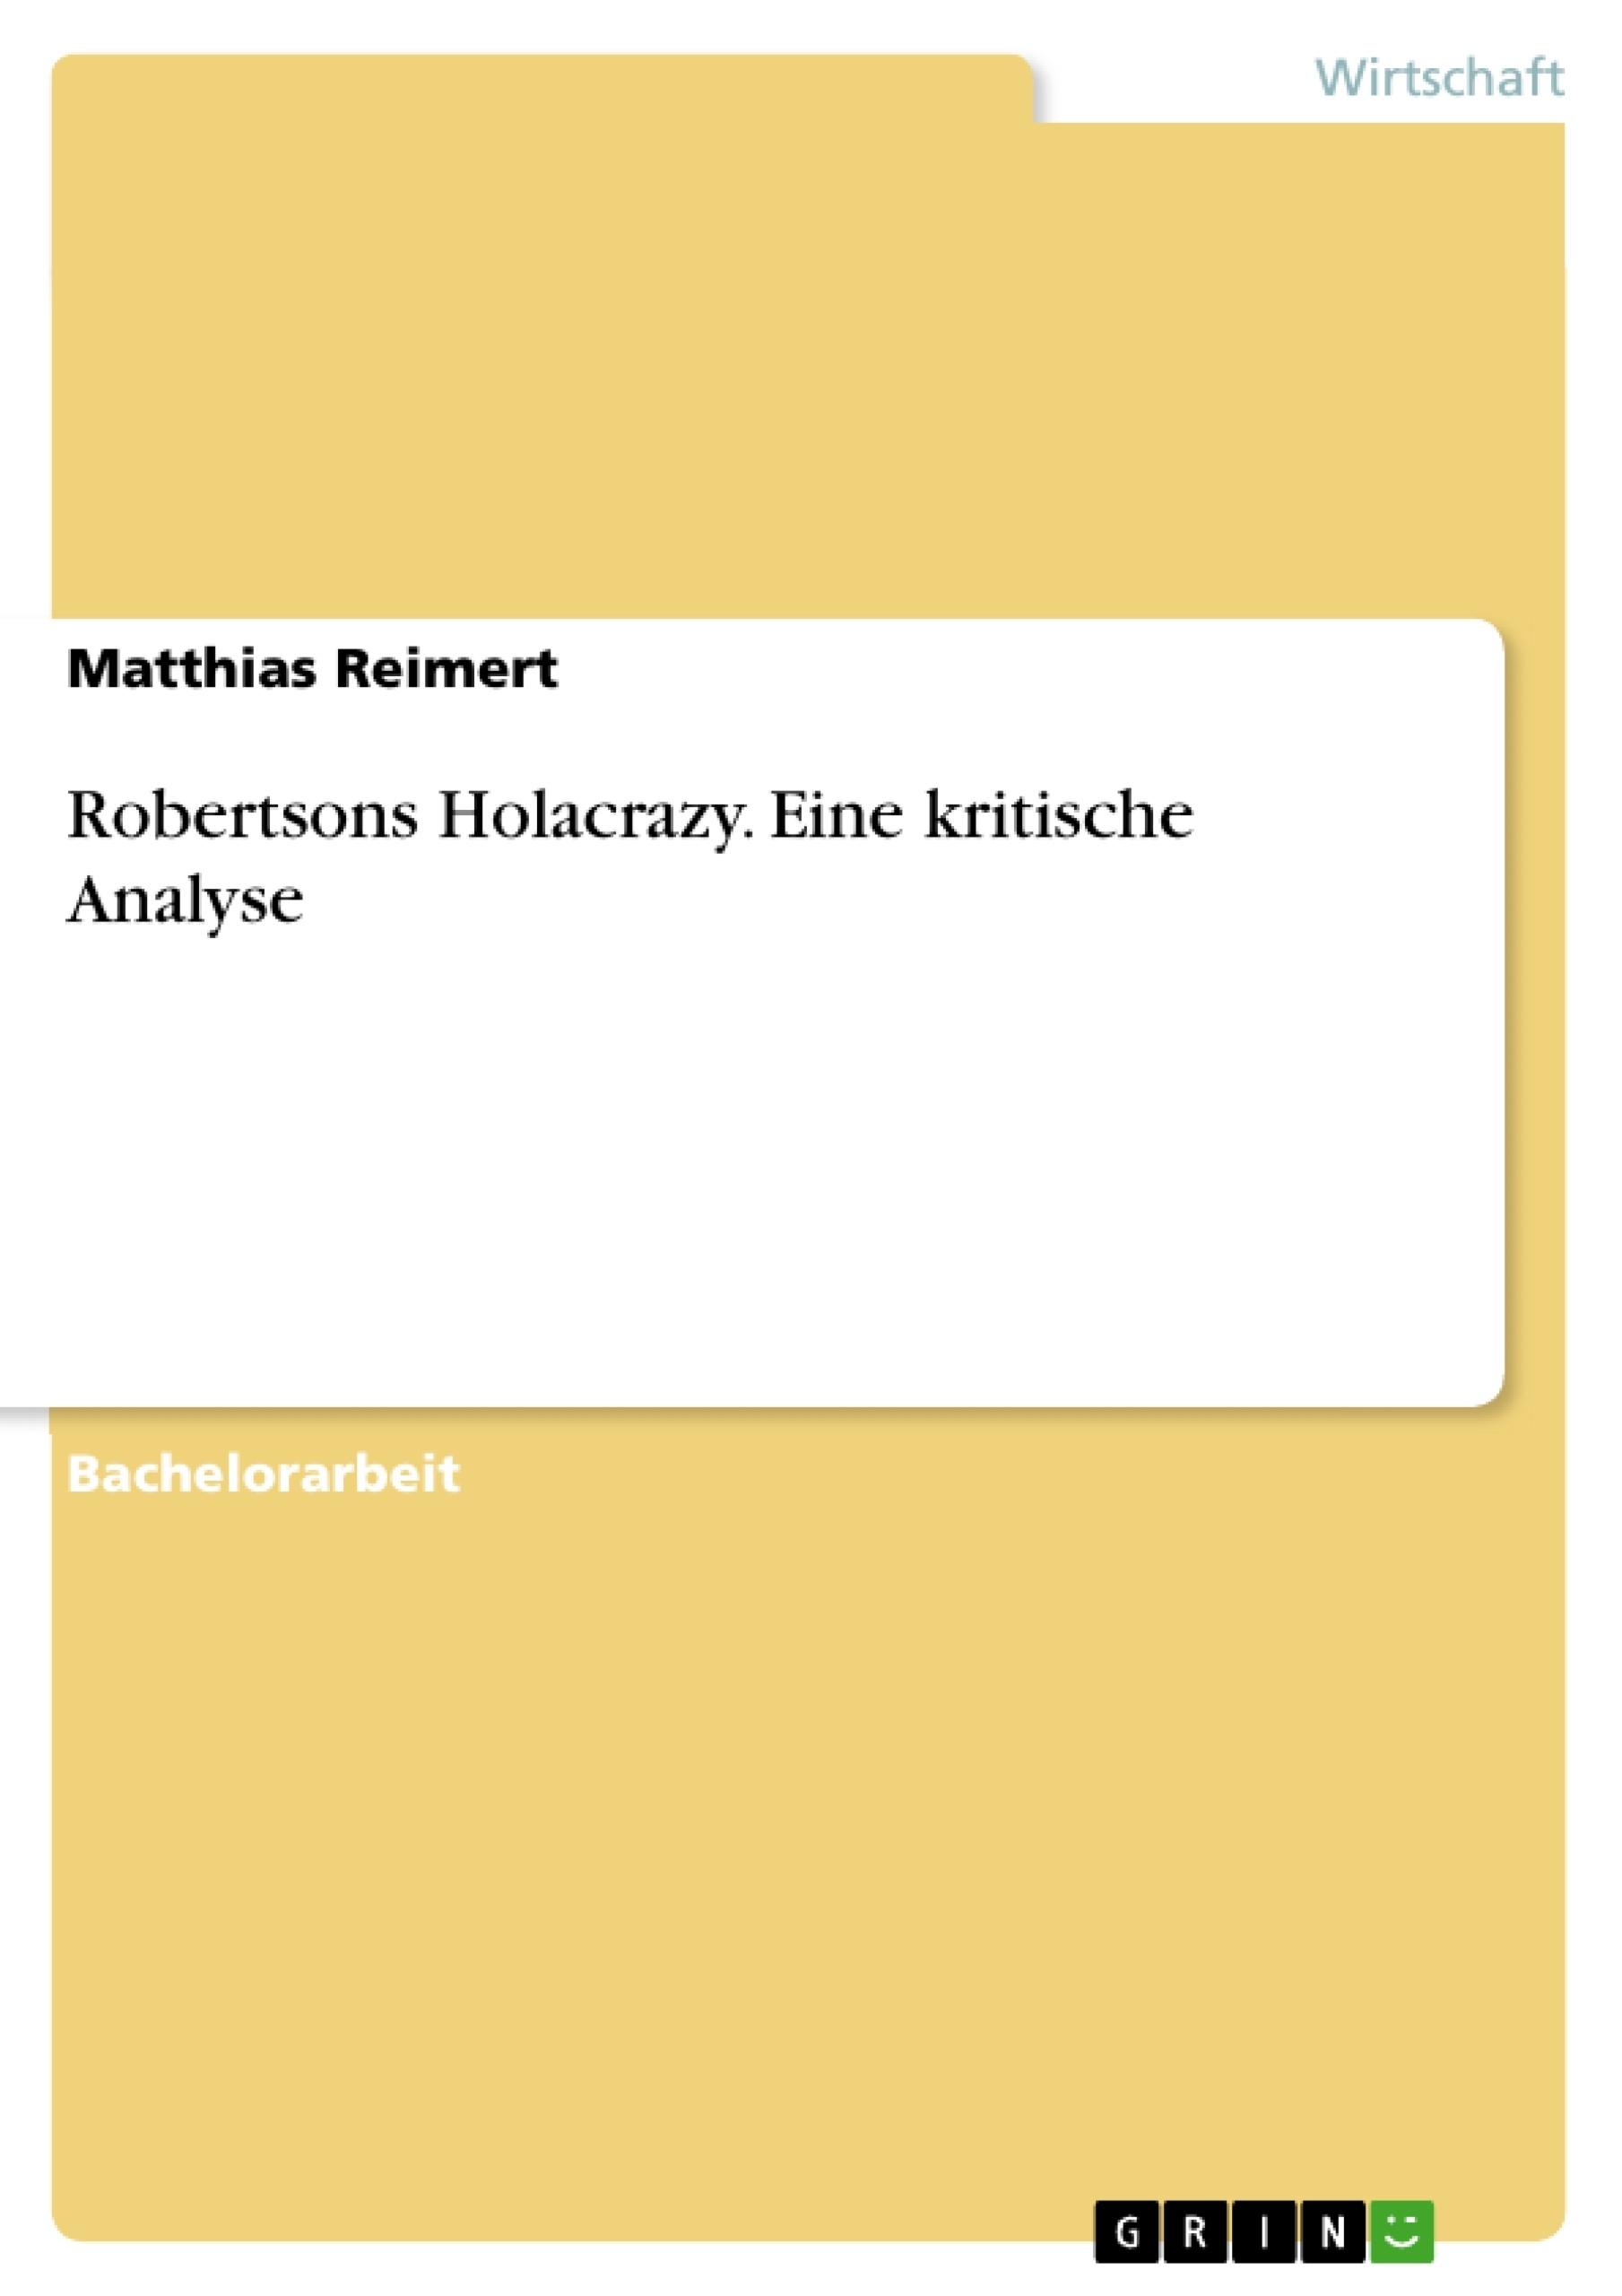 Titel: Robertsons Holacrazy. Eine kritische Analyse